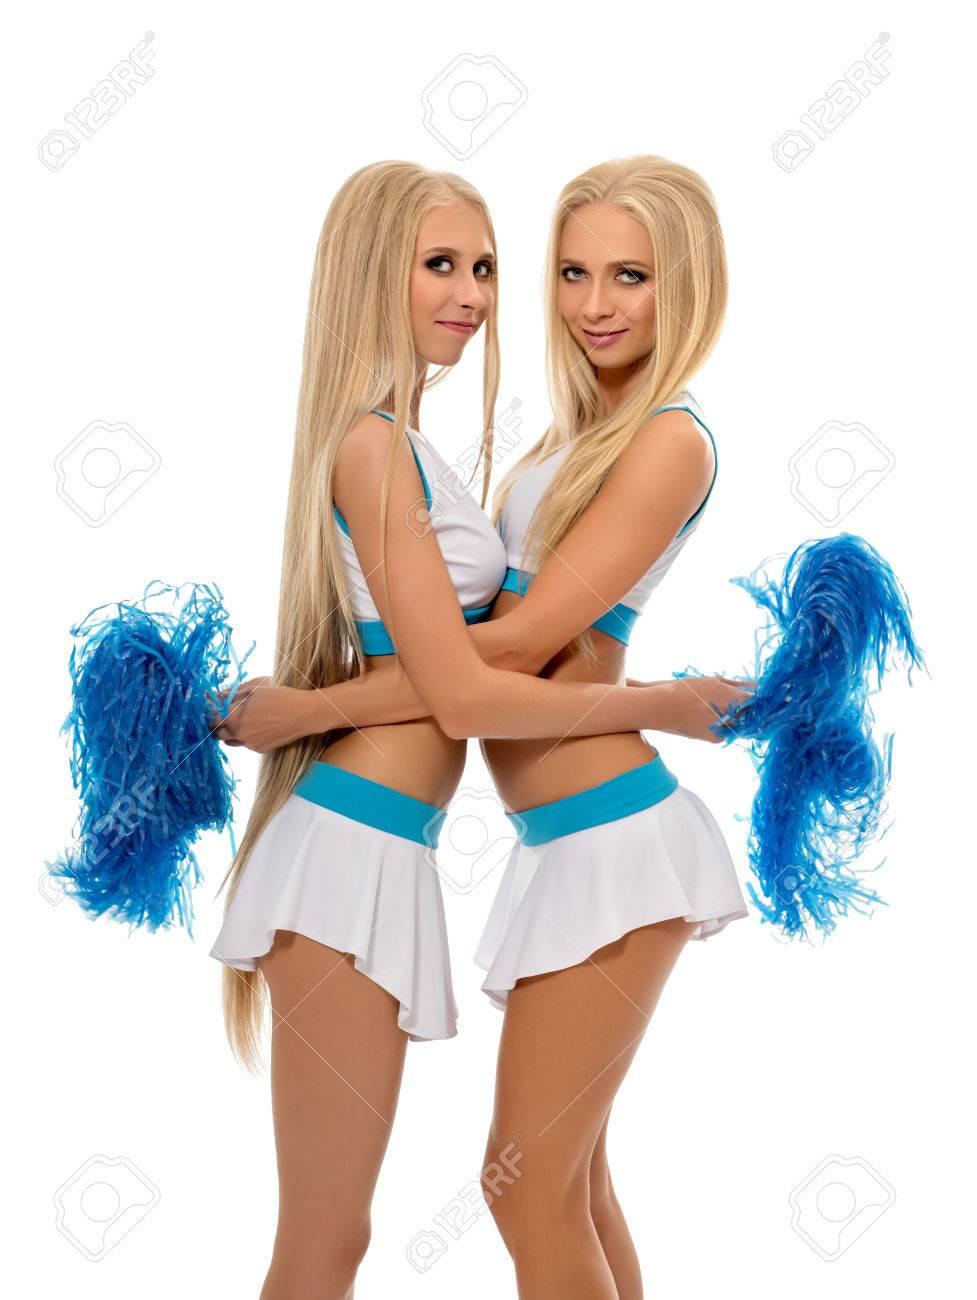 sexy cheerleaders